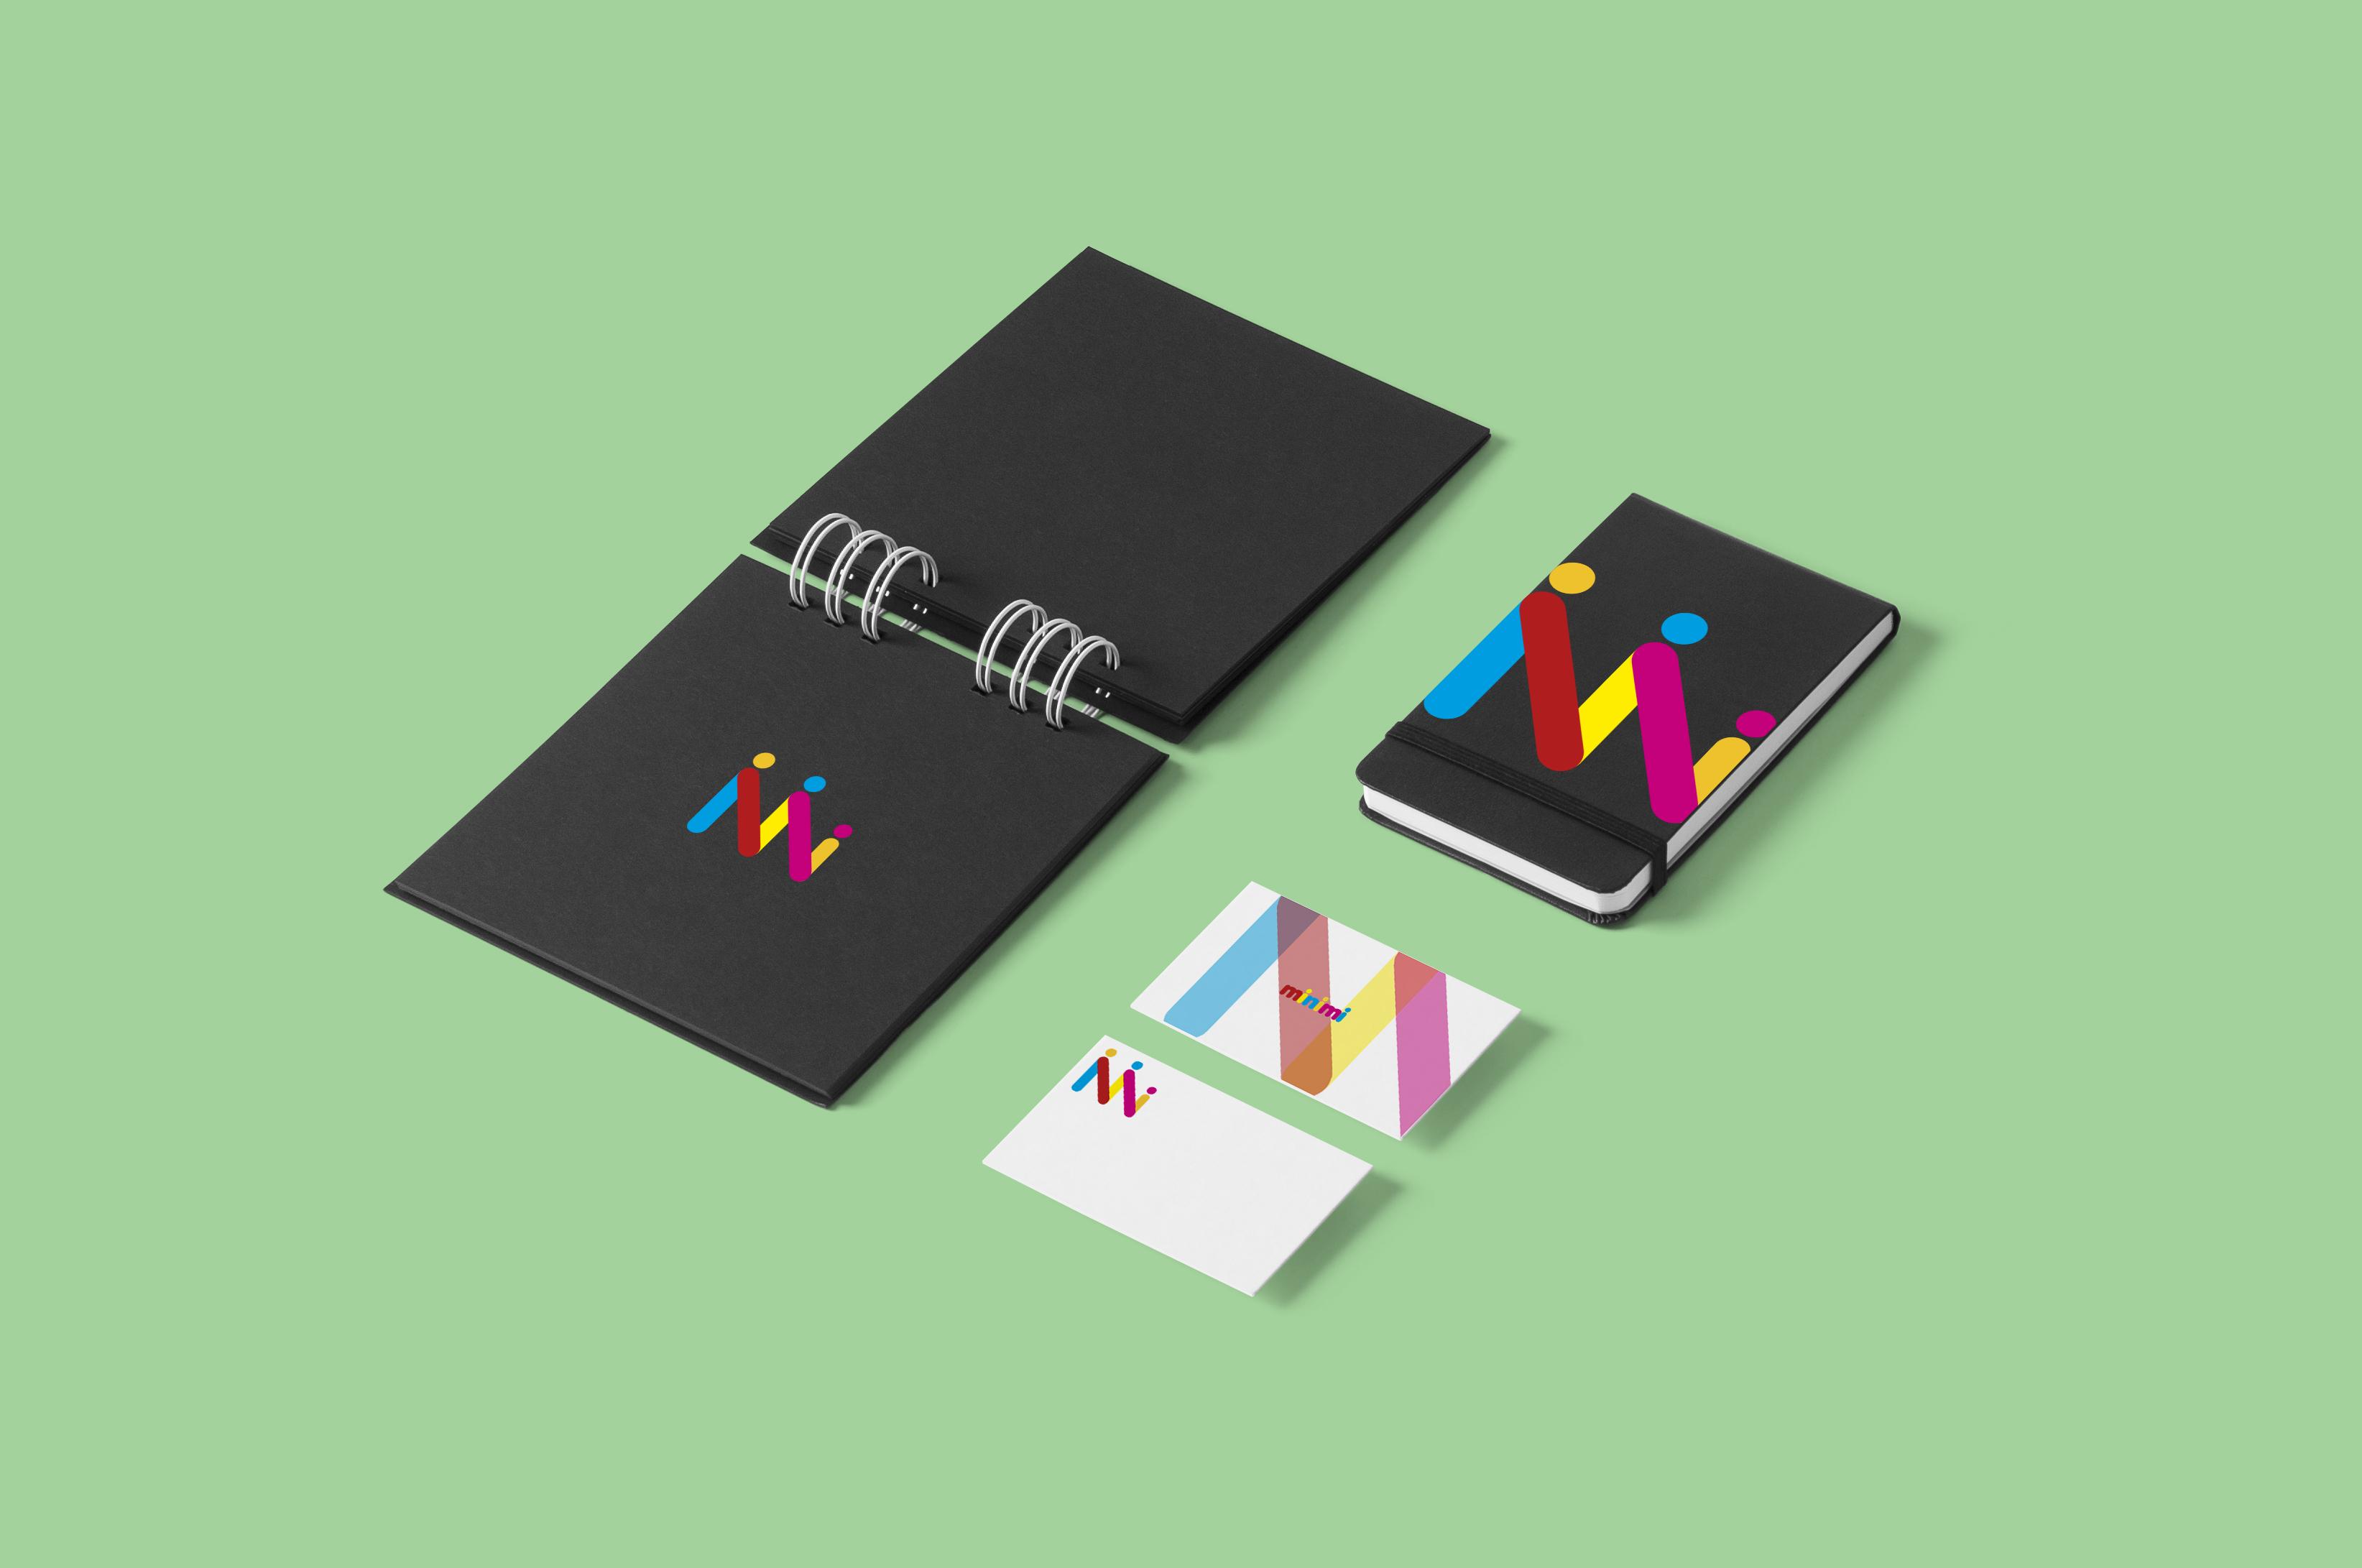 Цель: Разработать логотип детской дизайнерской одежды Мinimi фото f_8955b228f027a14e.jpg